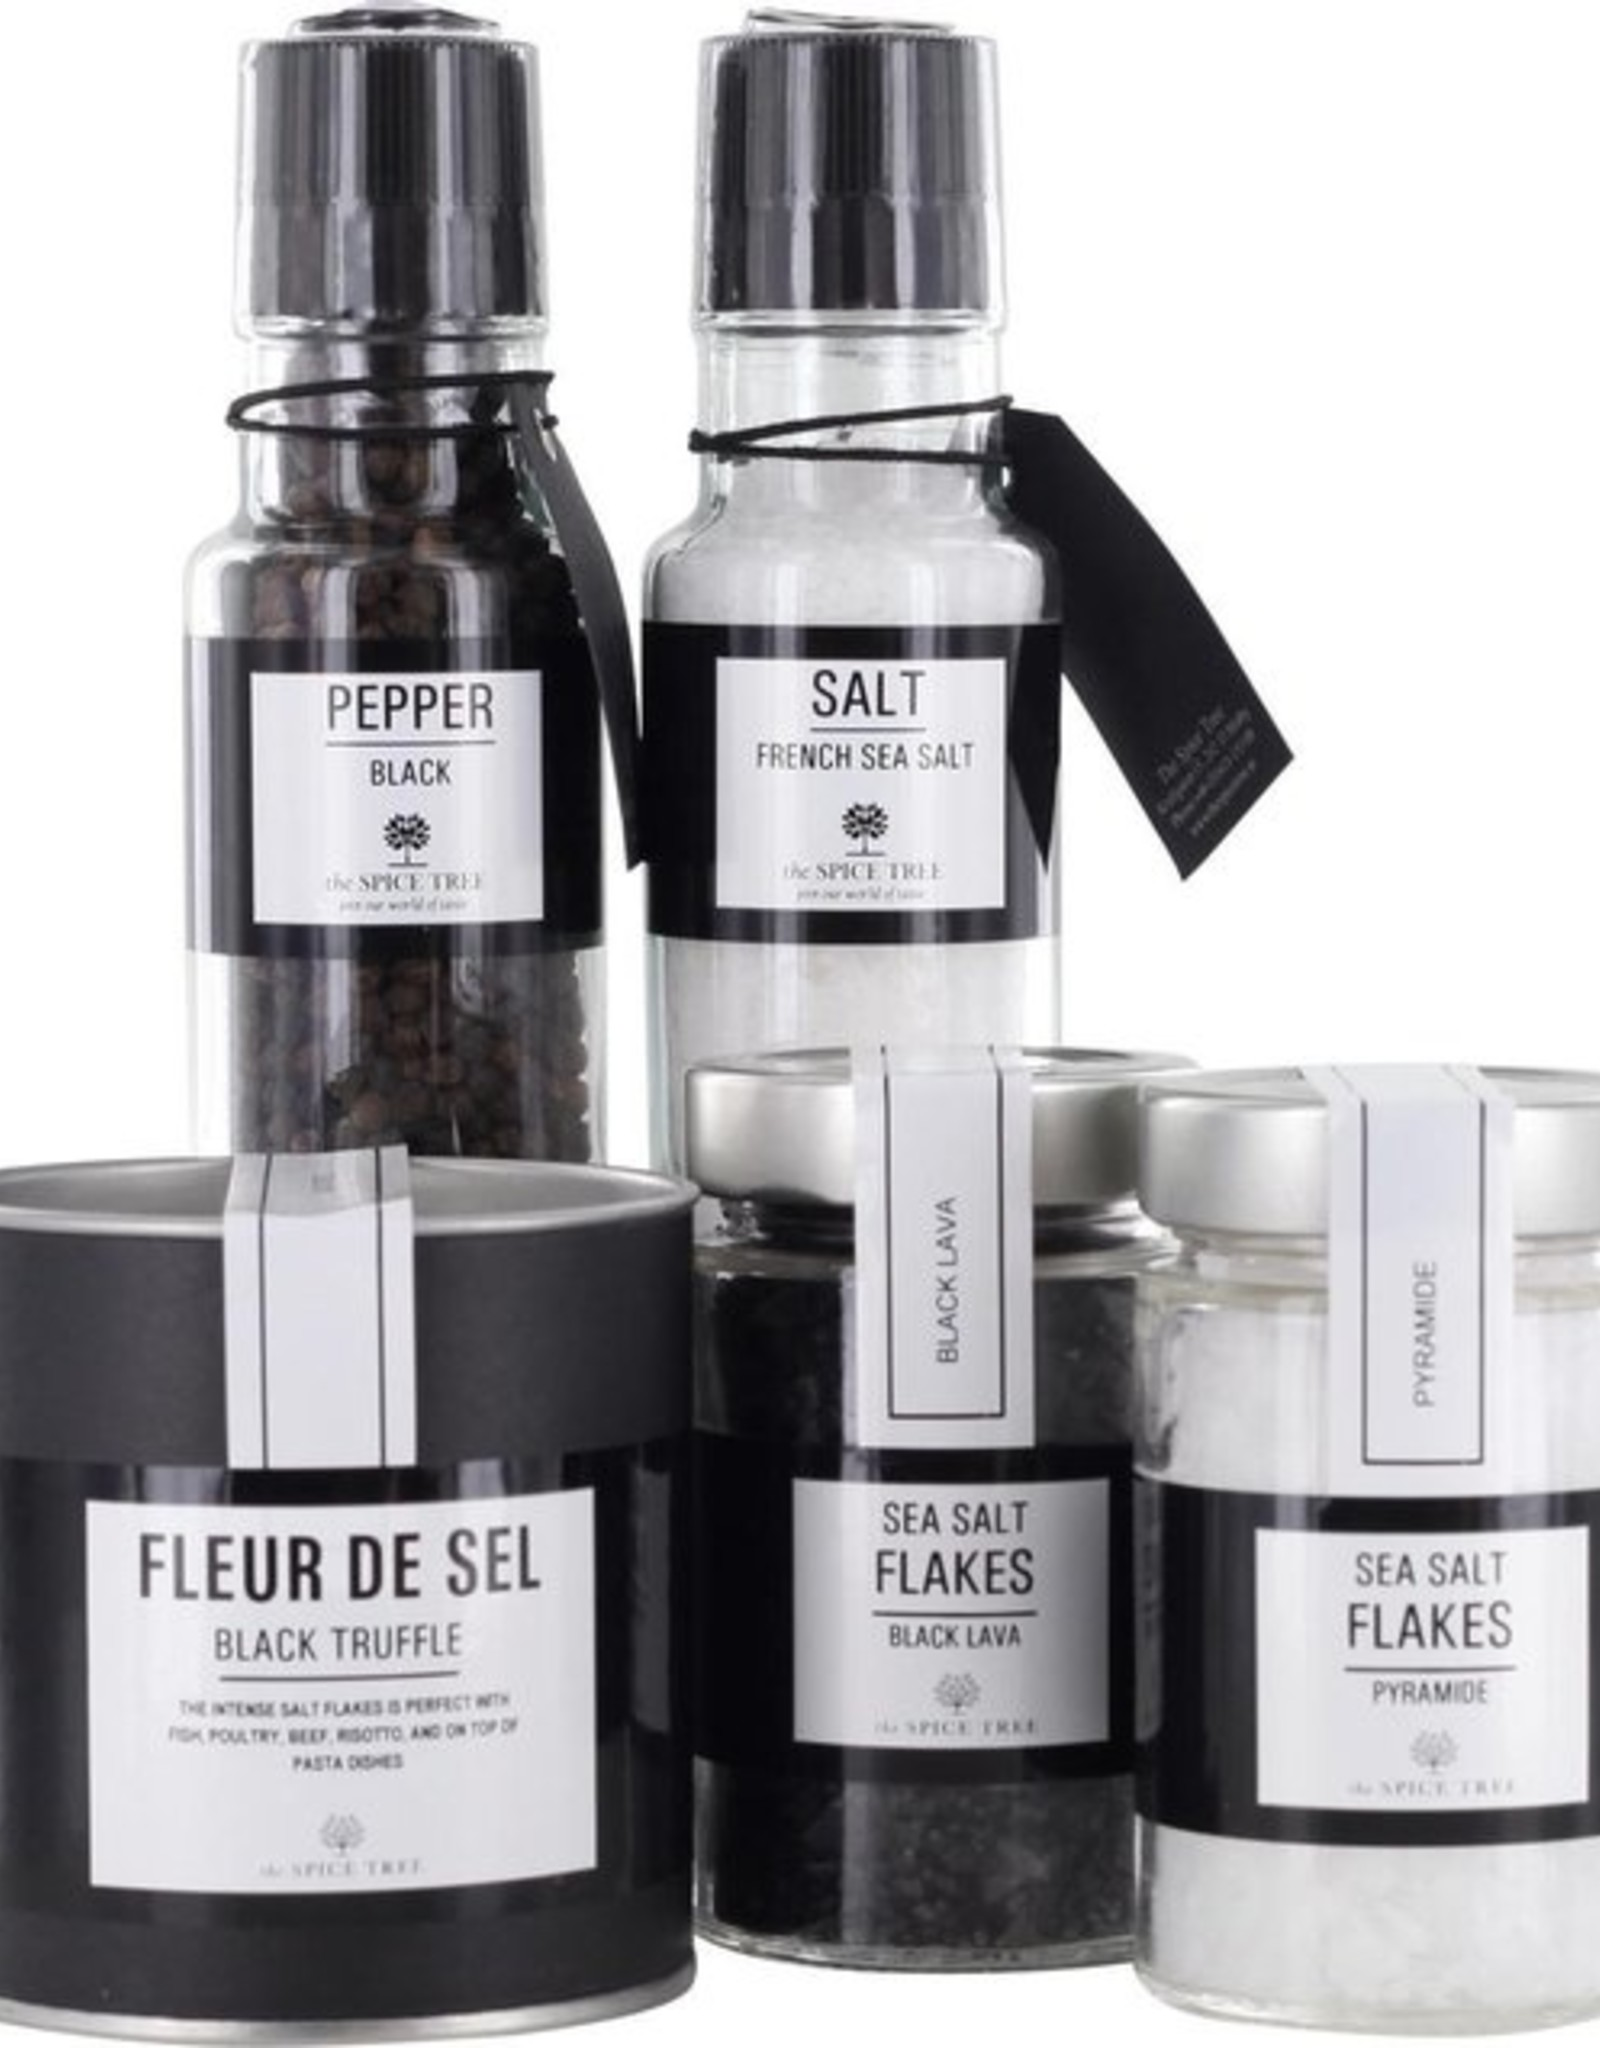 The Spice Tree - Zoutpakket - Wit Zout - Zwart Zout - Fleur de Sel Truffel